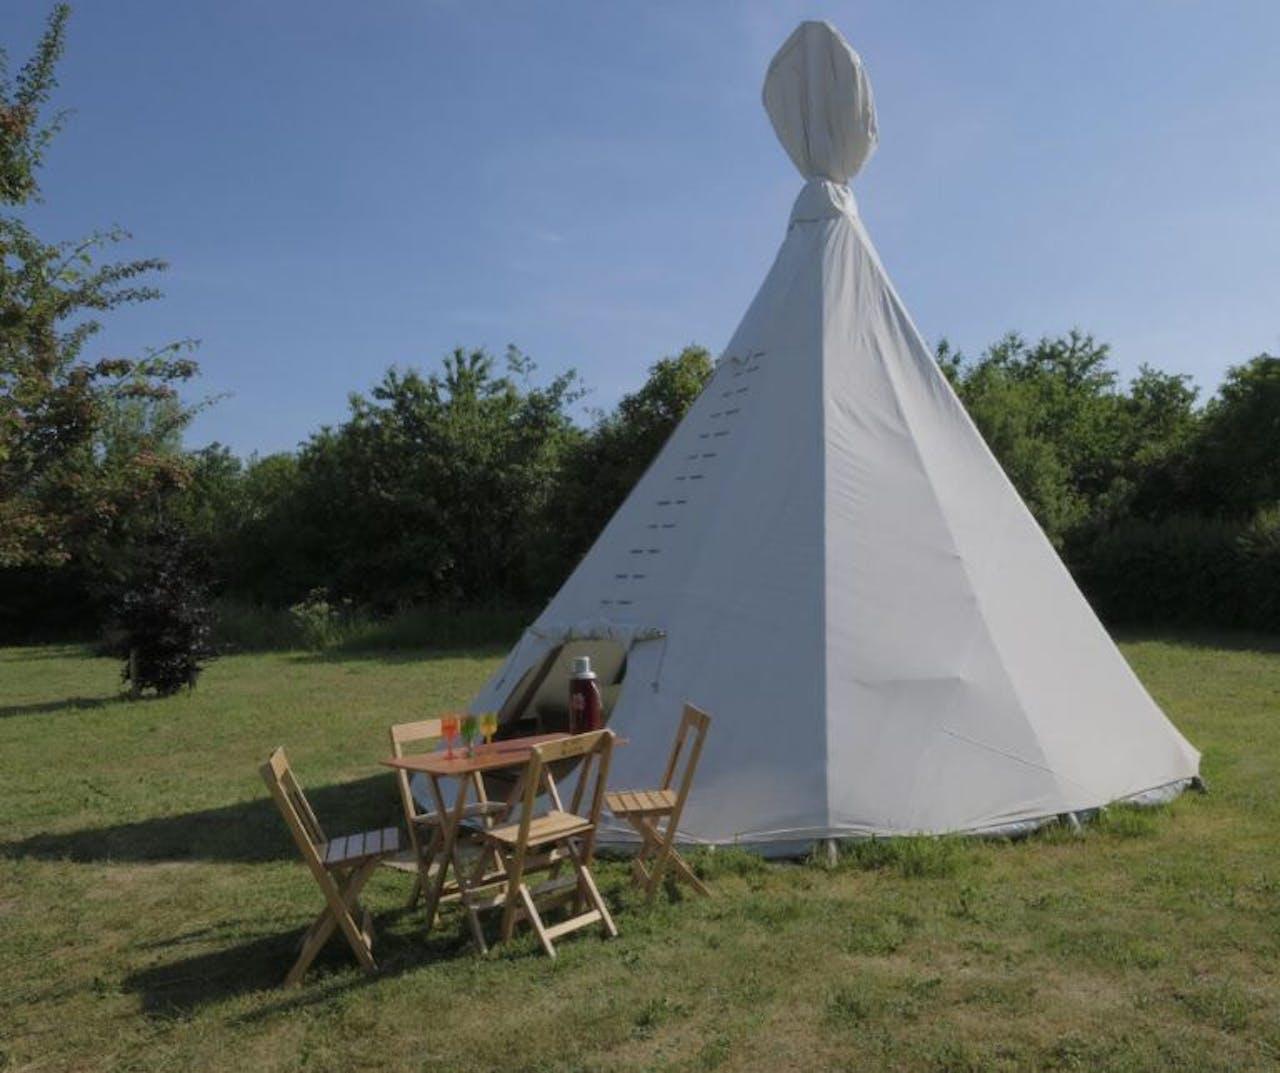 Op camping De Wereld slapen gasten in tipi's of yurts.